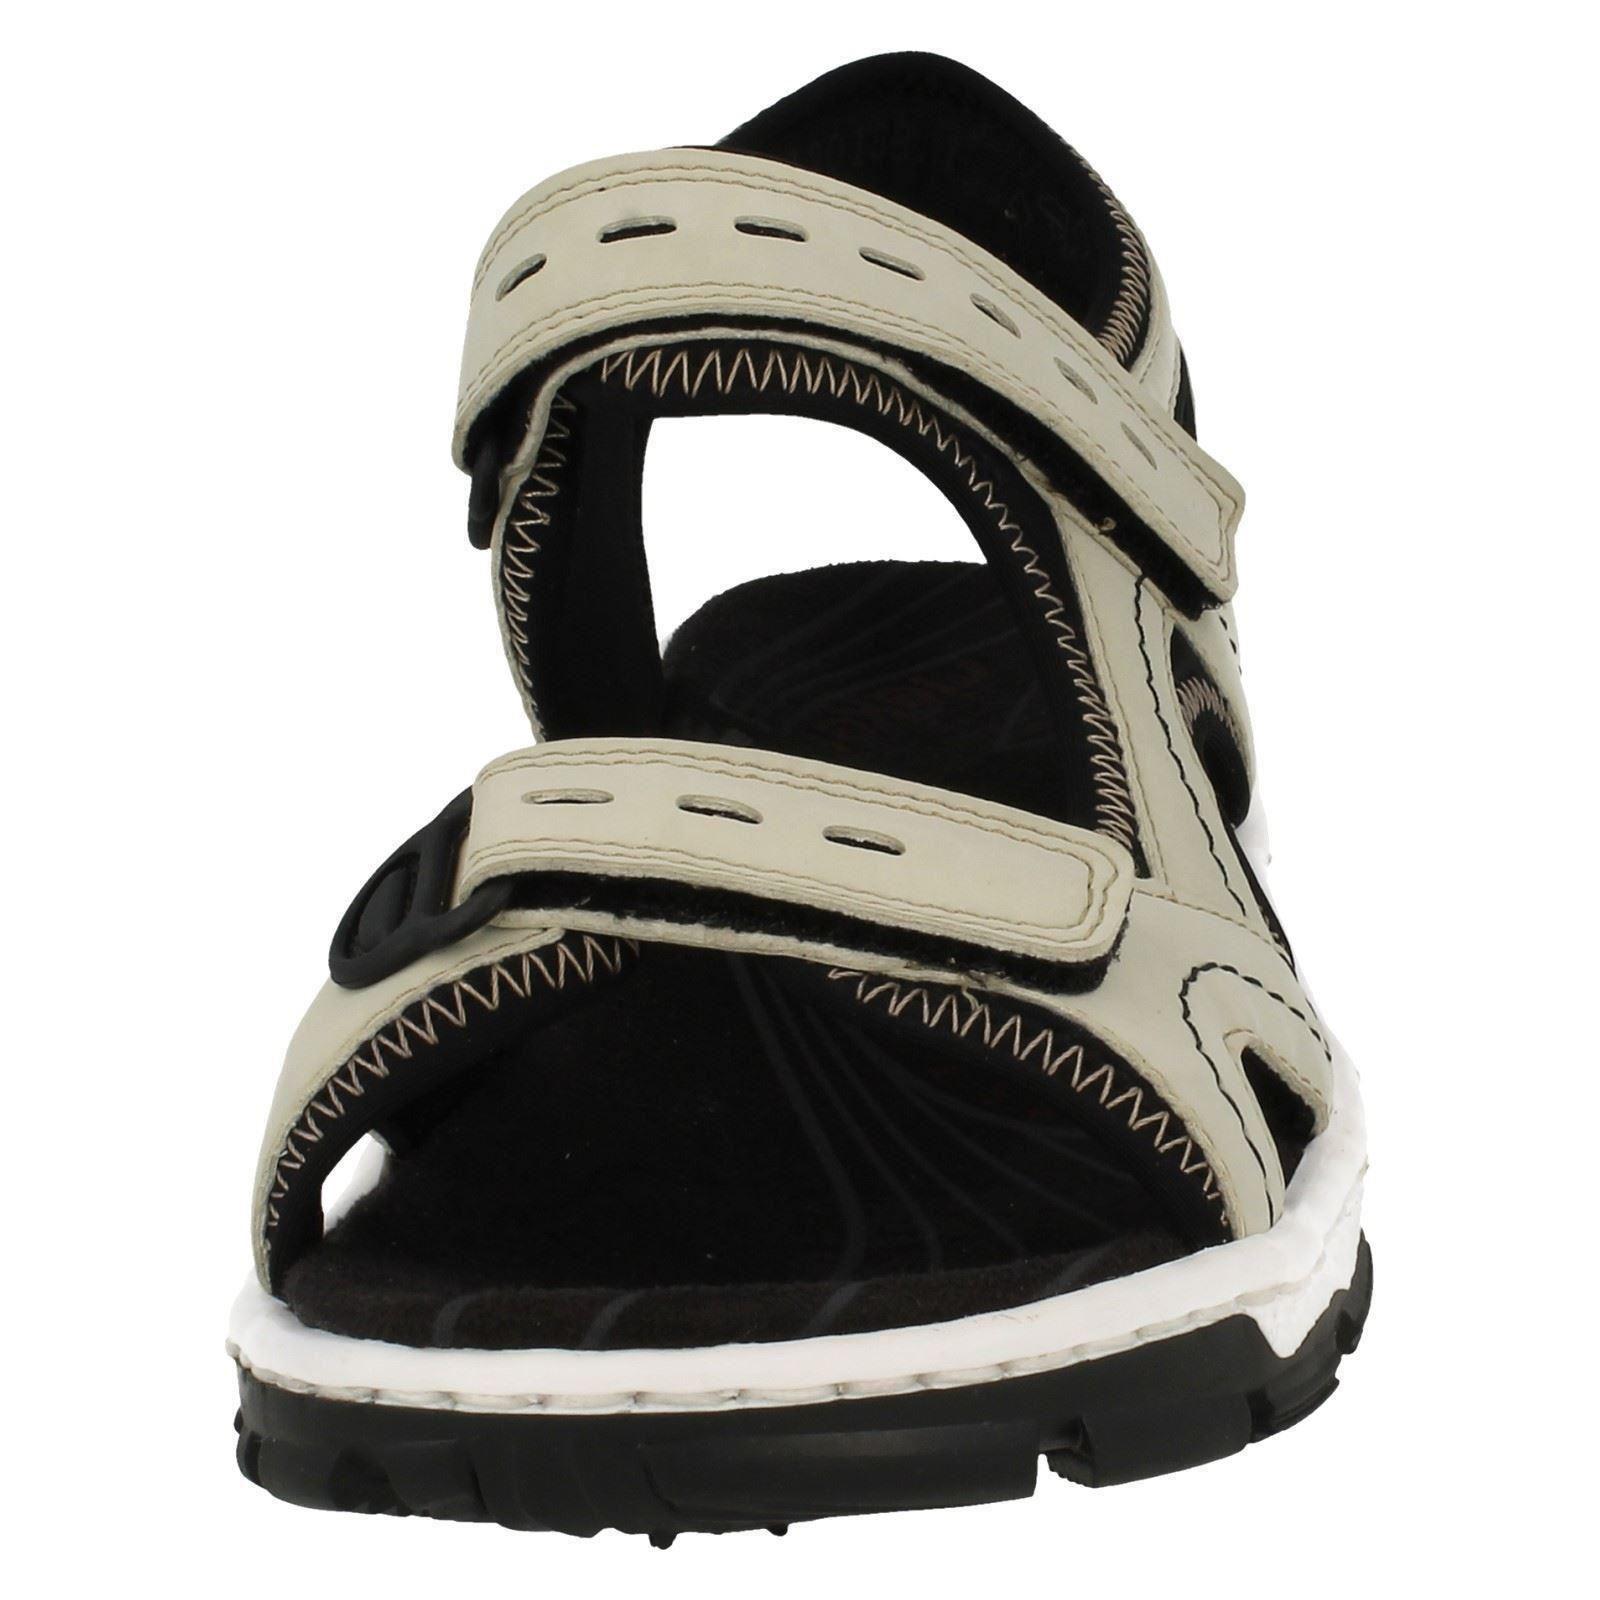 Damas Rieker sandles el estilo - 68866